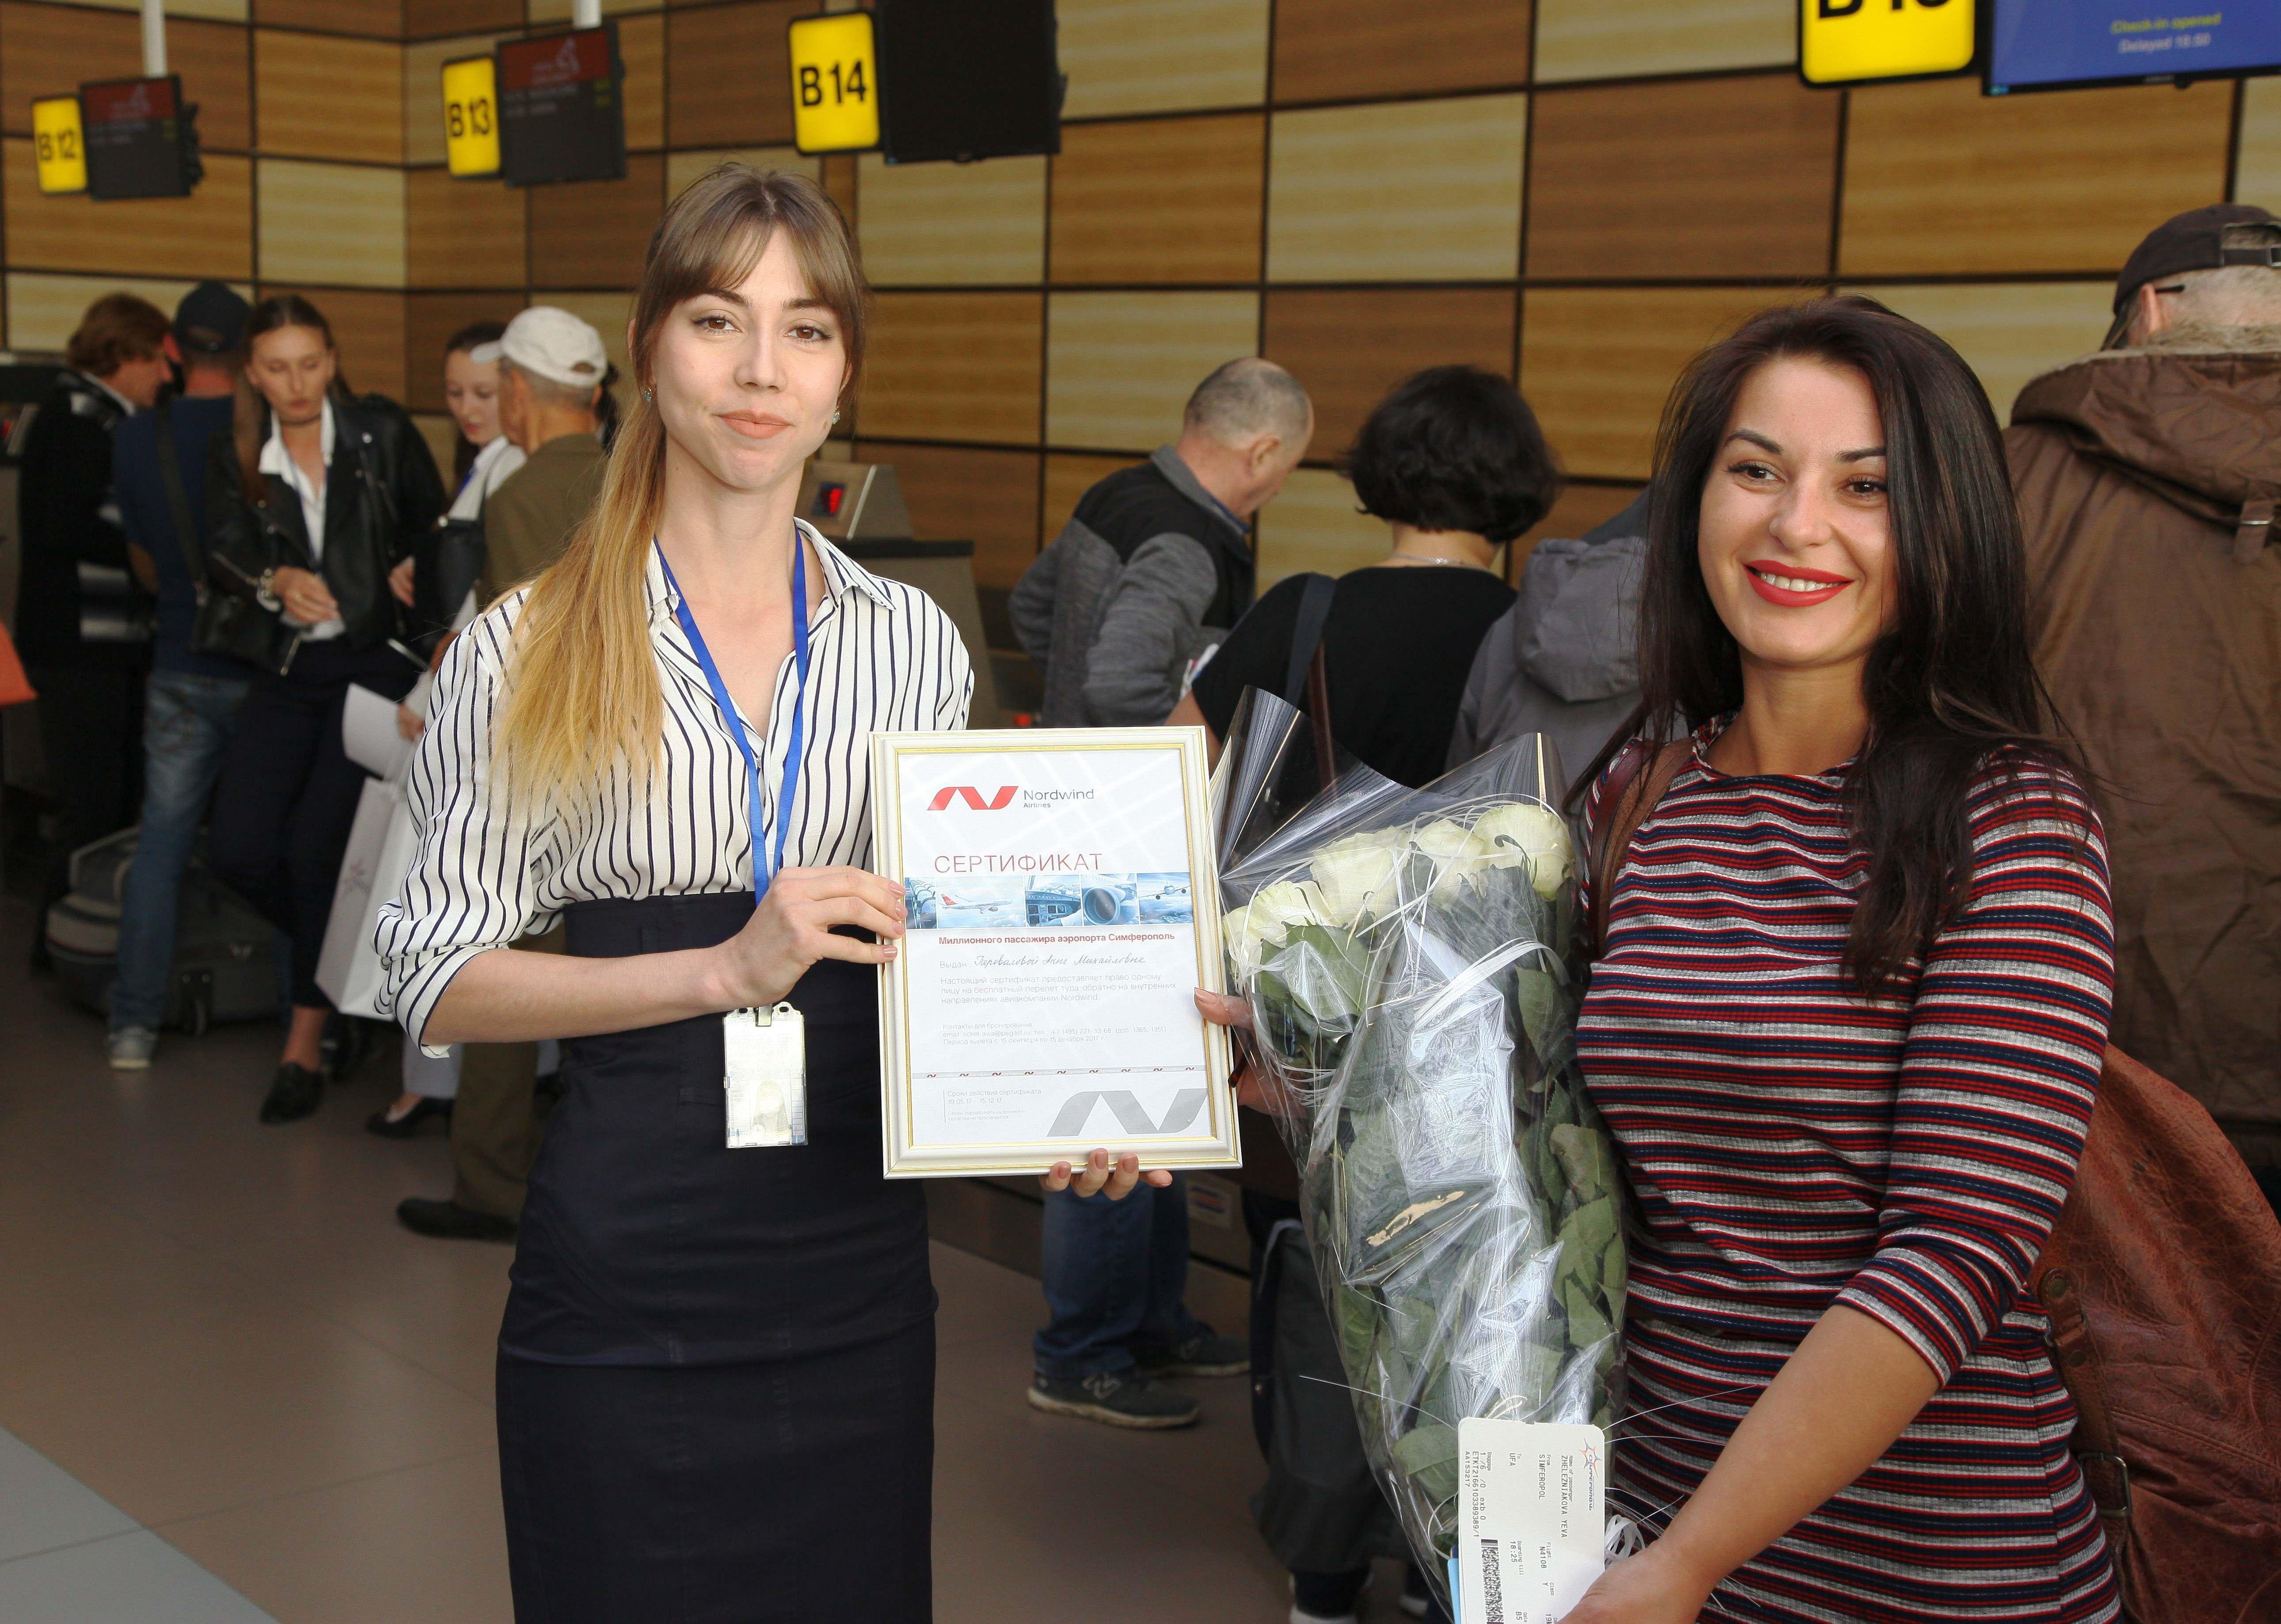 С начала года аэропорт Симферополя обслужил миллионного пассажира